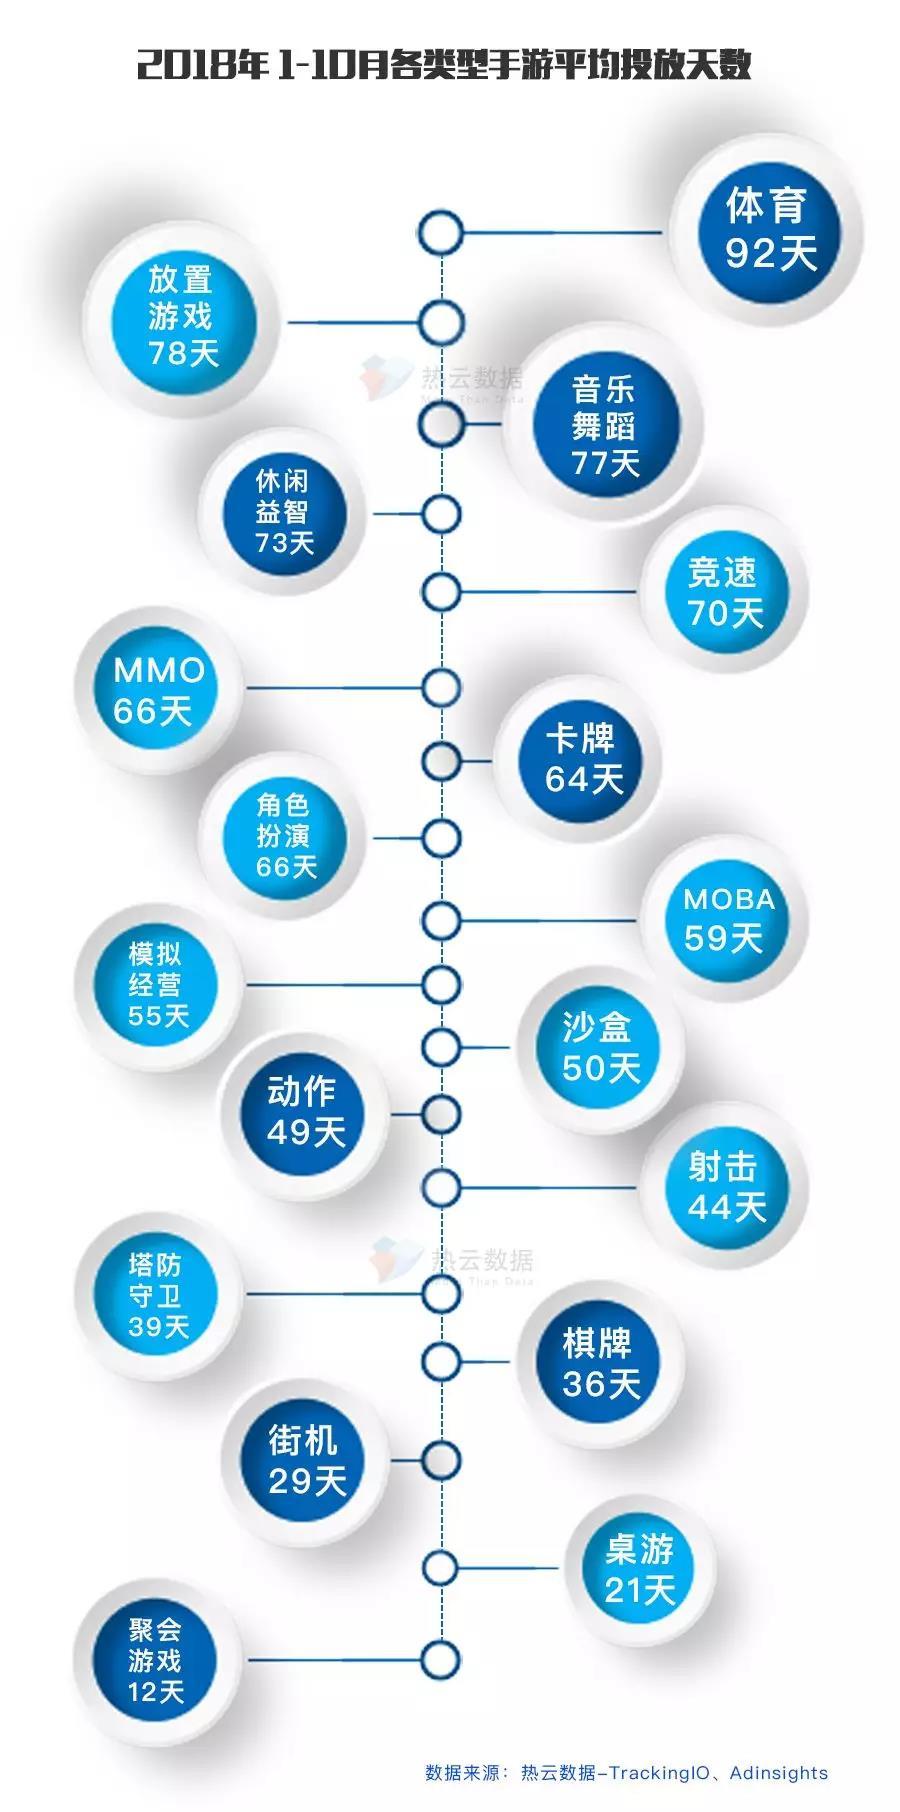 2018年各类型手游平均投放天数